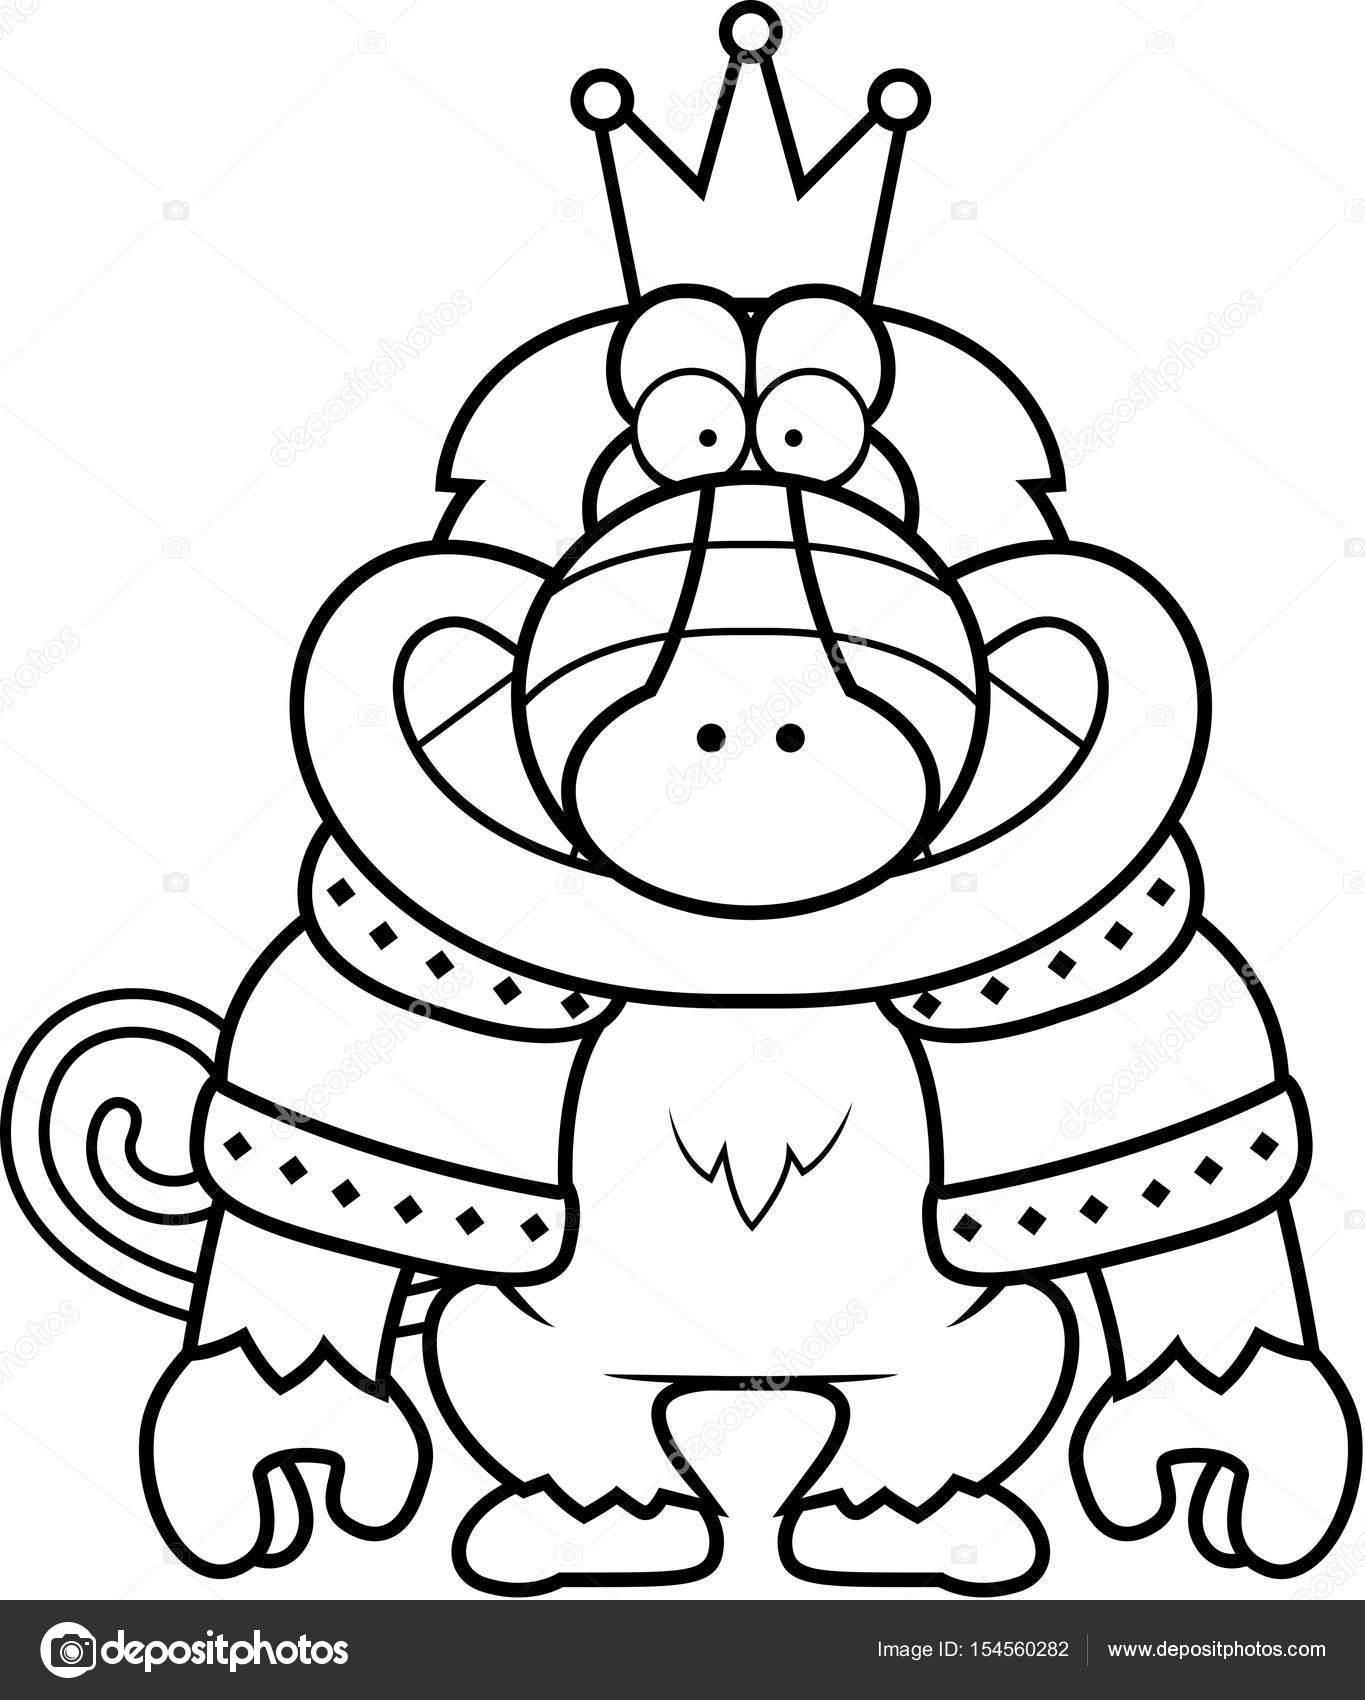 Rey babuino de dibujos animados — Archivo Imágenes Vectoriales ...